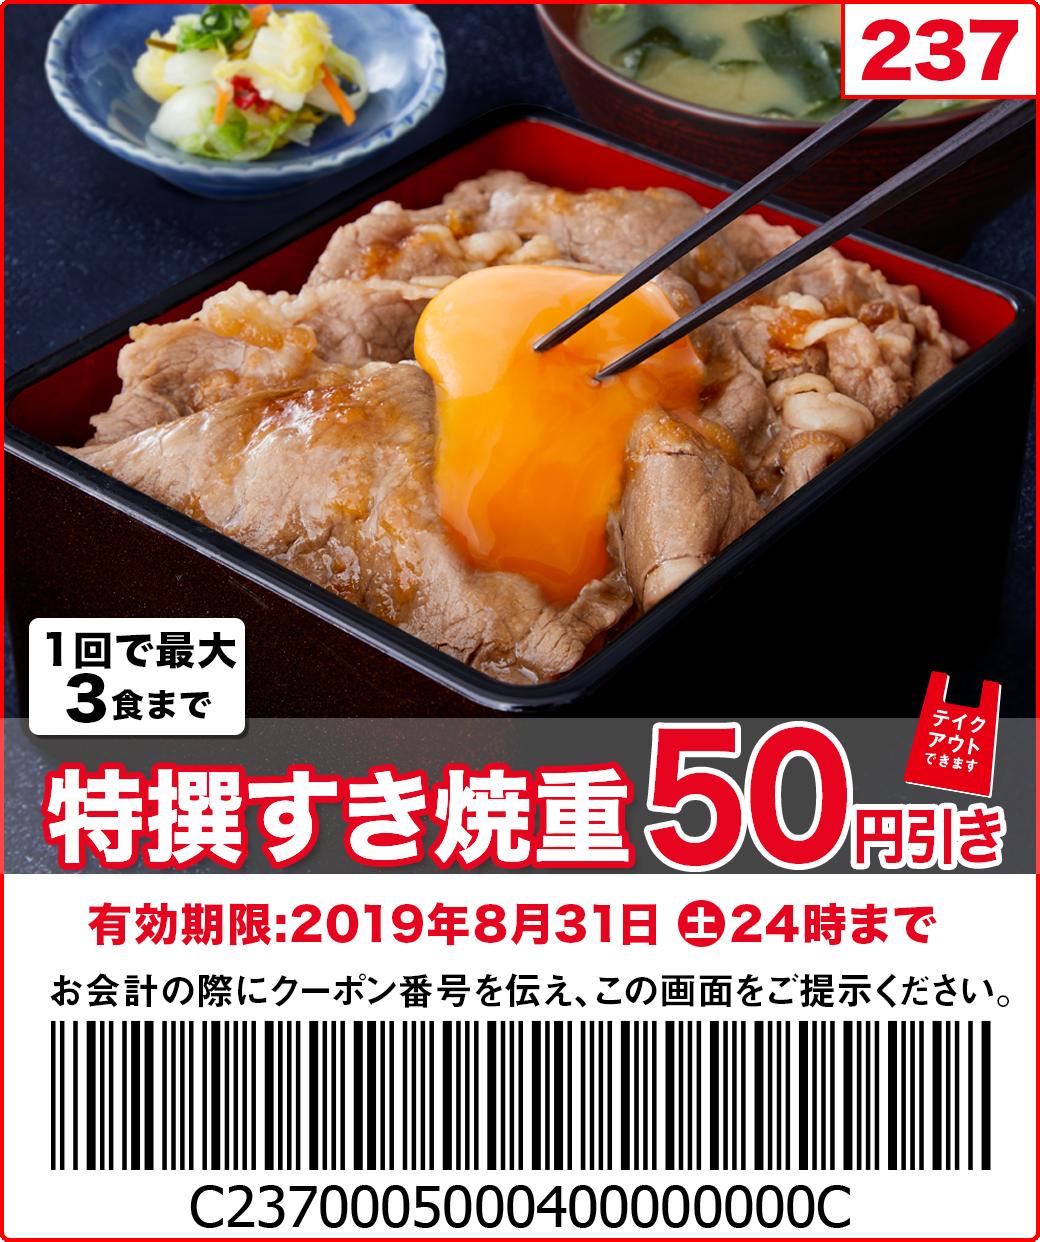 吉野家で特選すき焼重が50円引きとなるクーポンを配信中。~8/31。